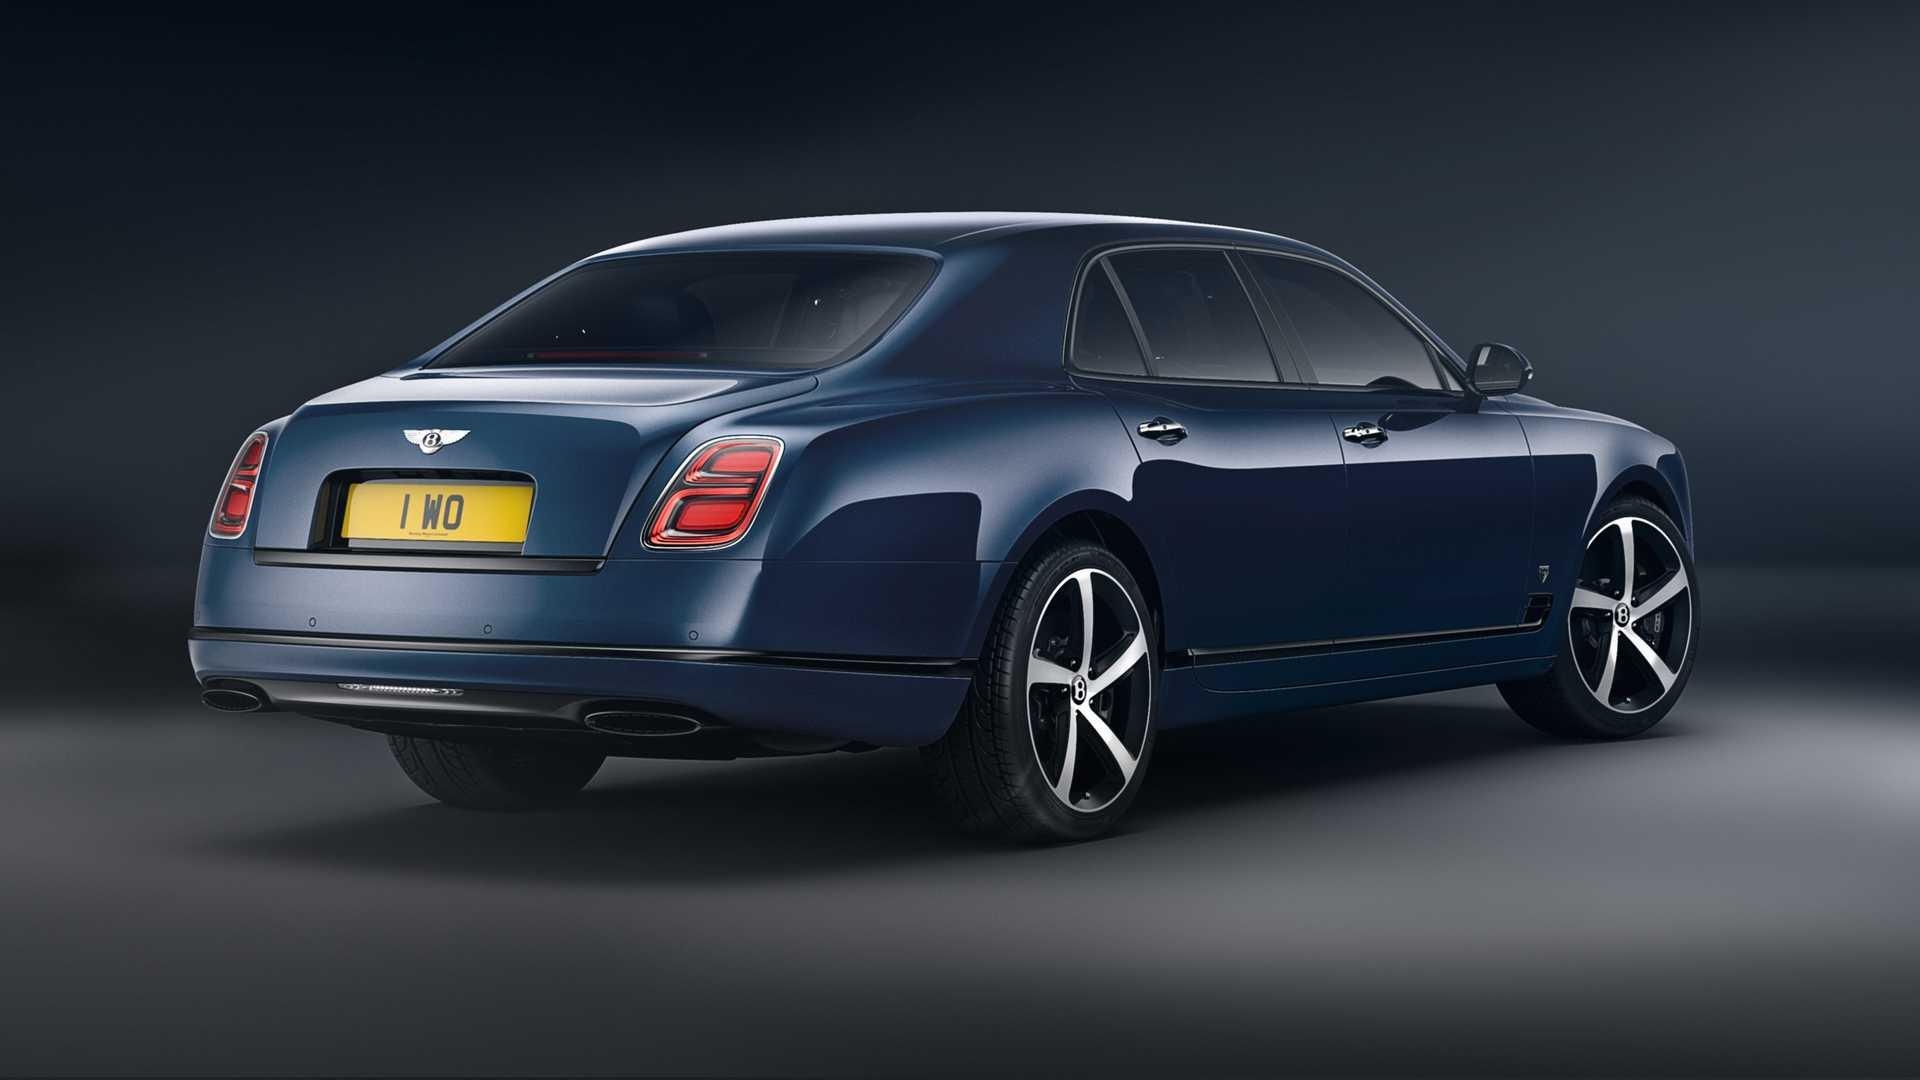 Bentley Mulsanne 6.75 Edition, mạnh 530 mã lực, phiên bản giới hạn 50 chiếc - 2